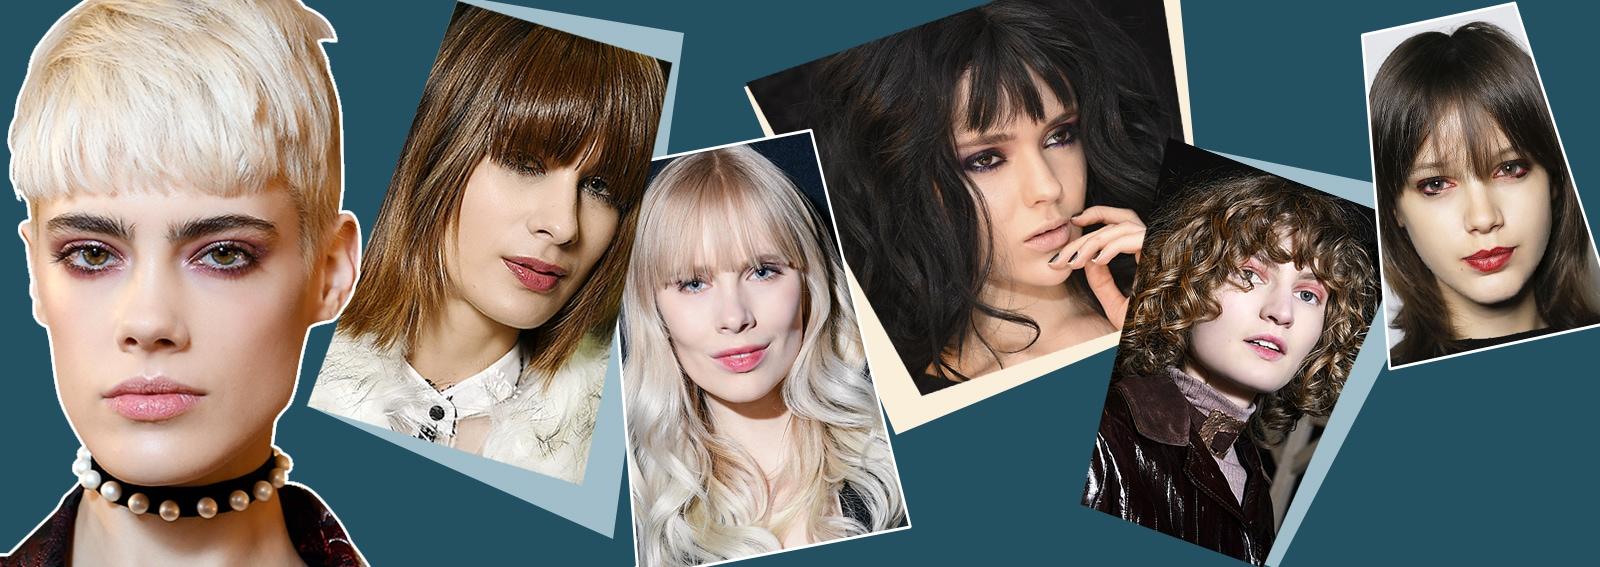 capelli con la frangia tendenza autunno inverno 2017 2018 collage_desktop